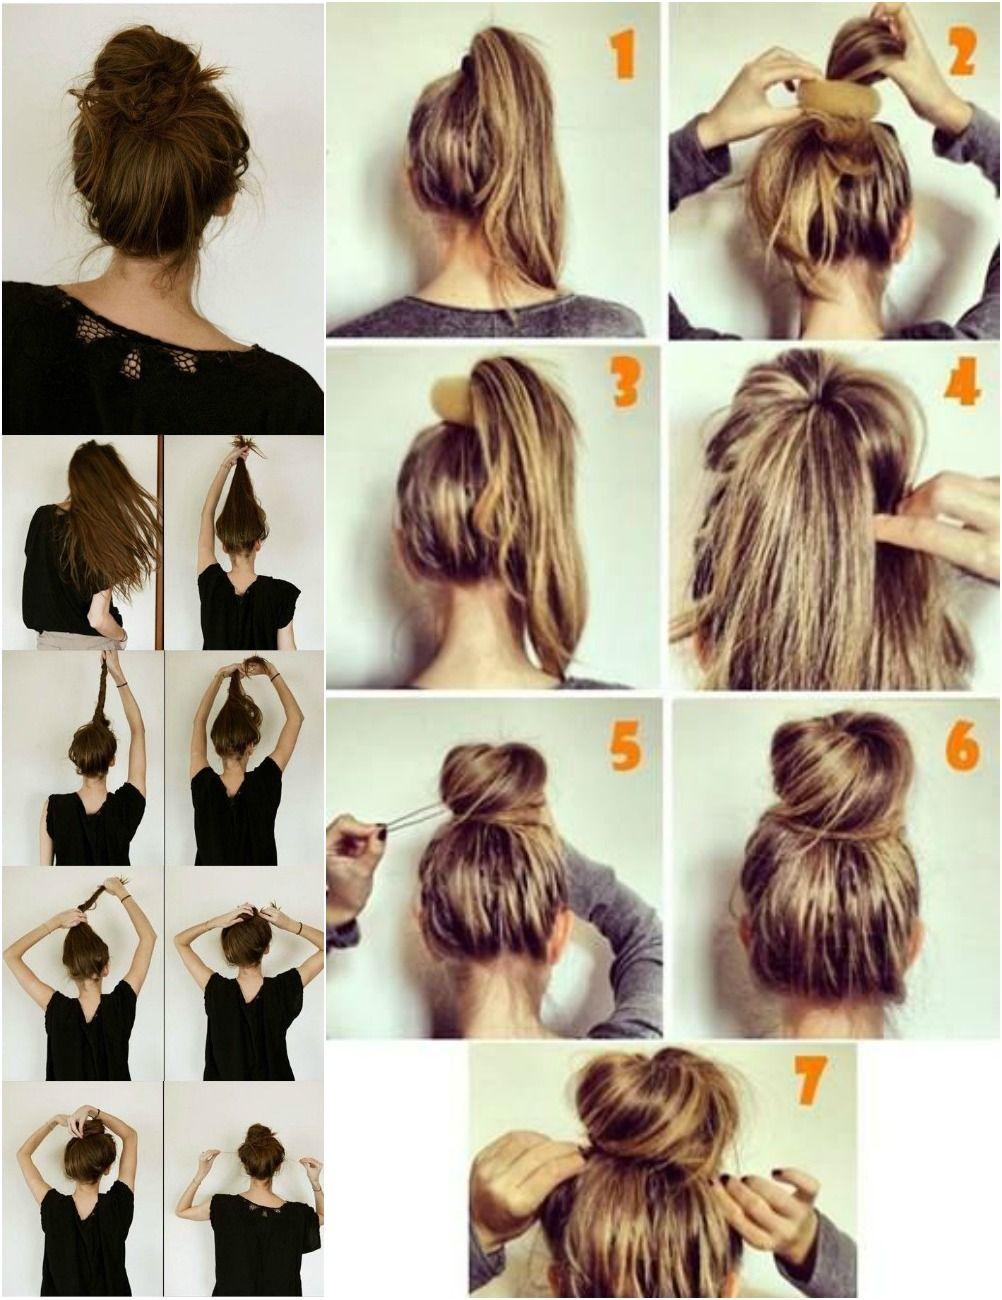 12 Perfect Hair Buns Hair Styles Hair Bun Tutorial Hair Hacks